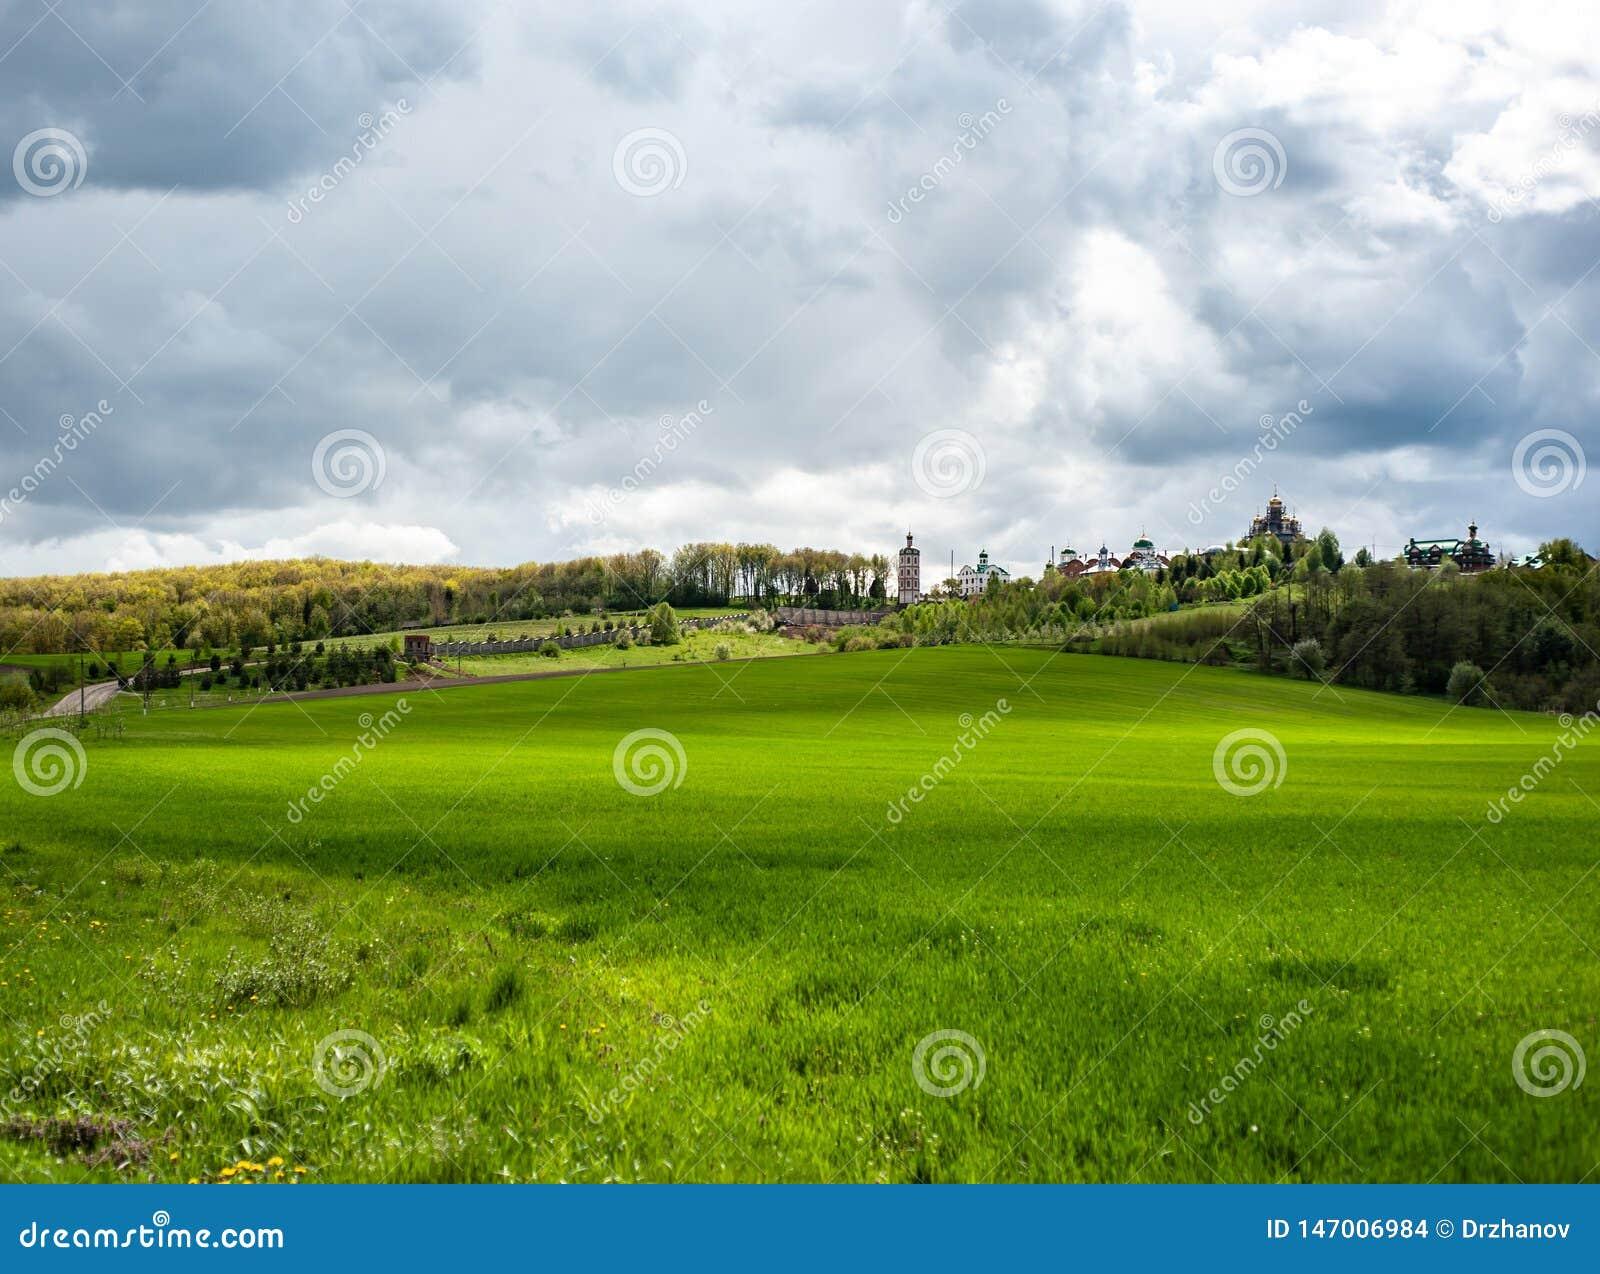 Ευδιάκριτο τοπίο με την πράσινους χλόη άνοιξη, τους λόφους και τα δέντρα, νεφελώδης ουρανός